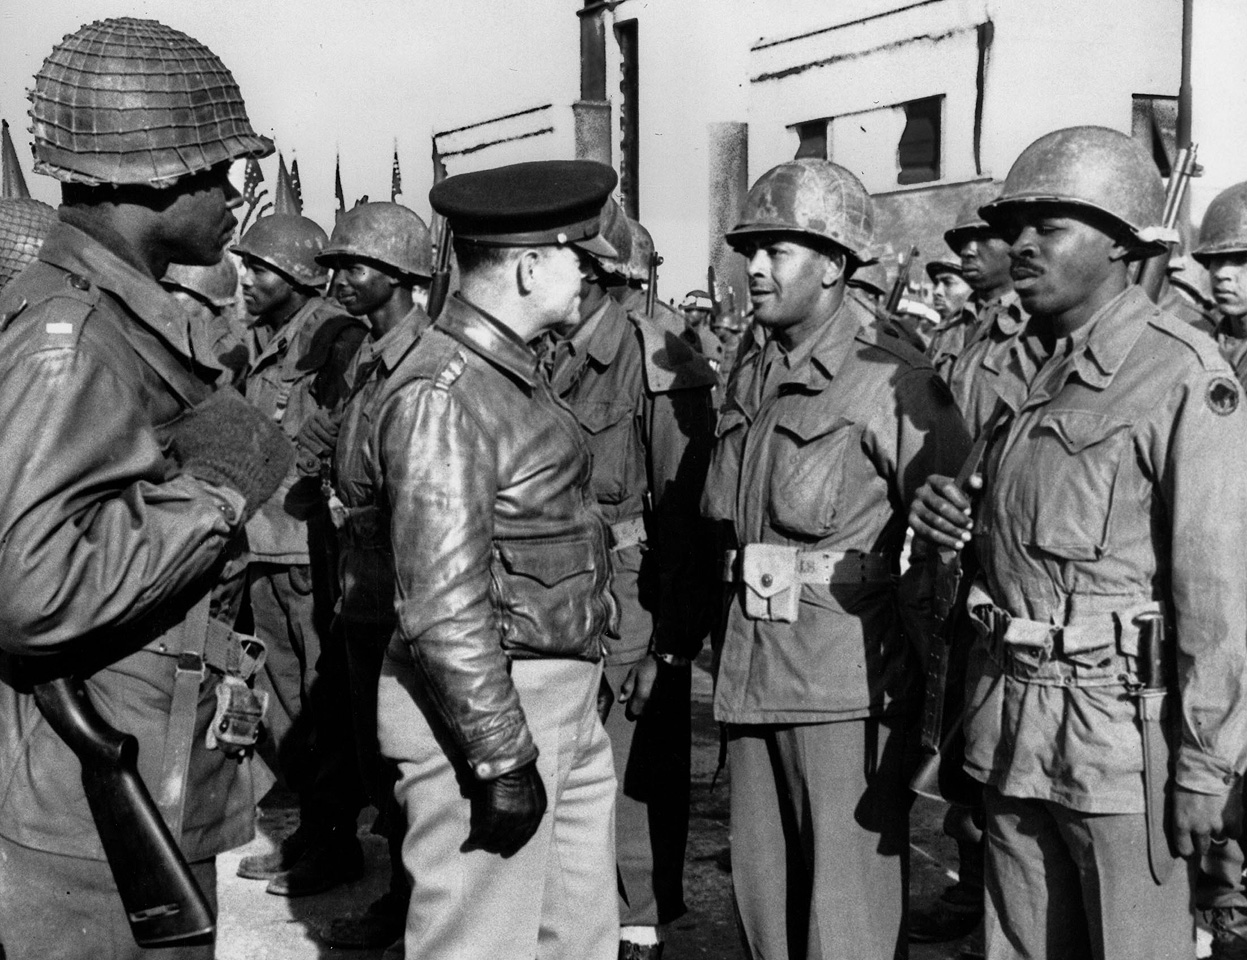 <b>92nd Infantry - WW2</b>